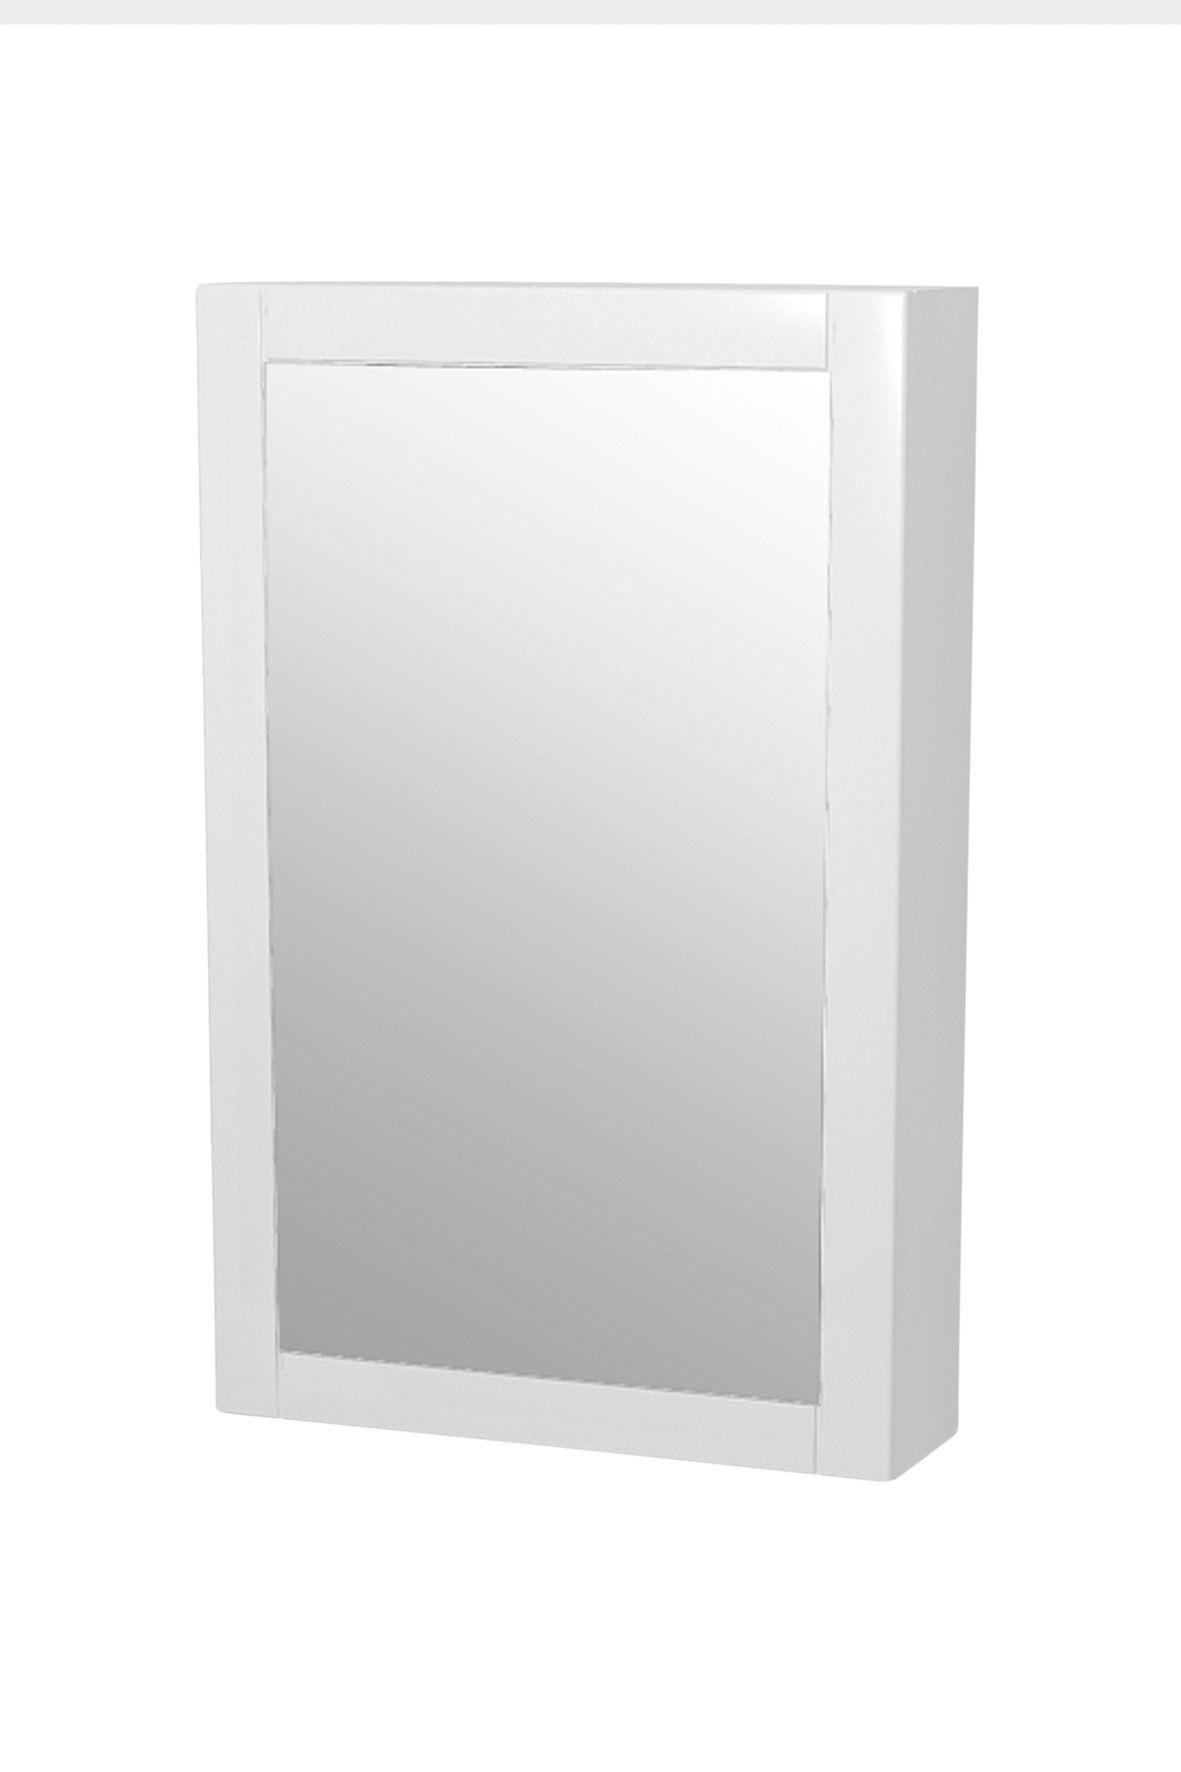 Tiger Baya spiegelkast 52cm, wit